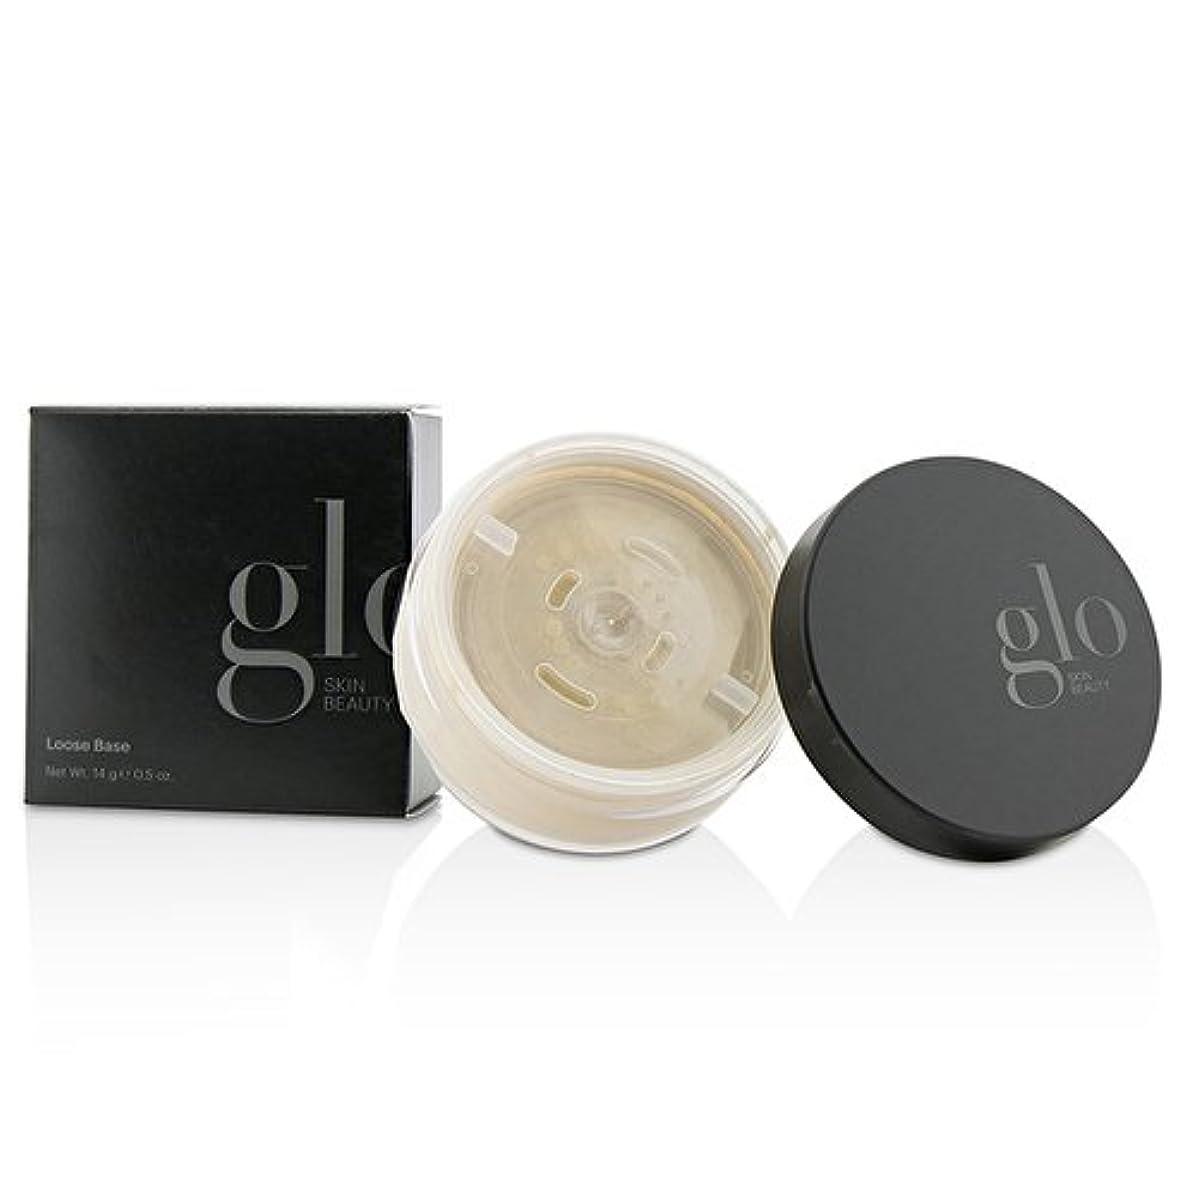 試みるパリティアフリカ人Glo Skin Beauty Loose Base (Mineral Foundation) - # Natural Fair 14g/0.5oz並行輸入品